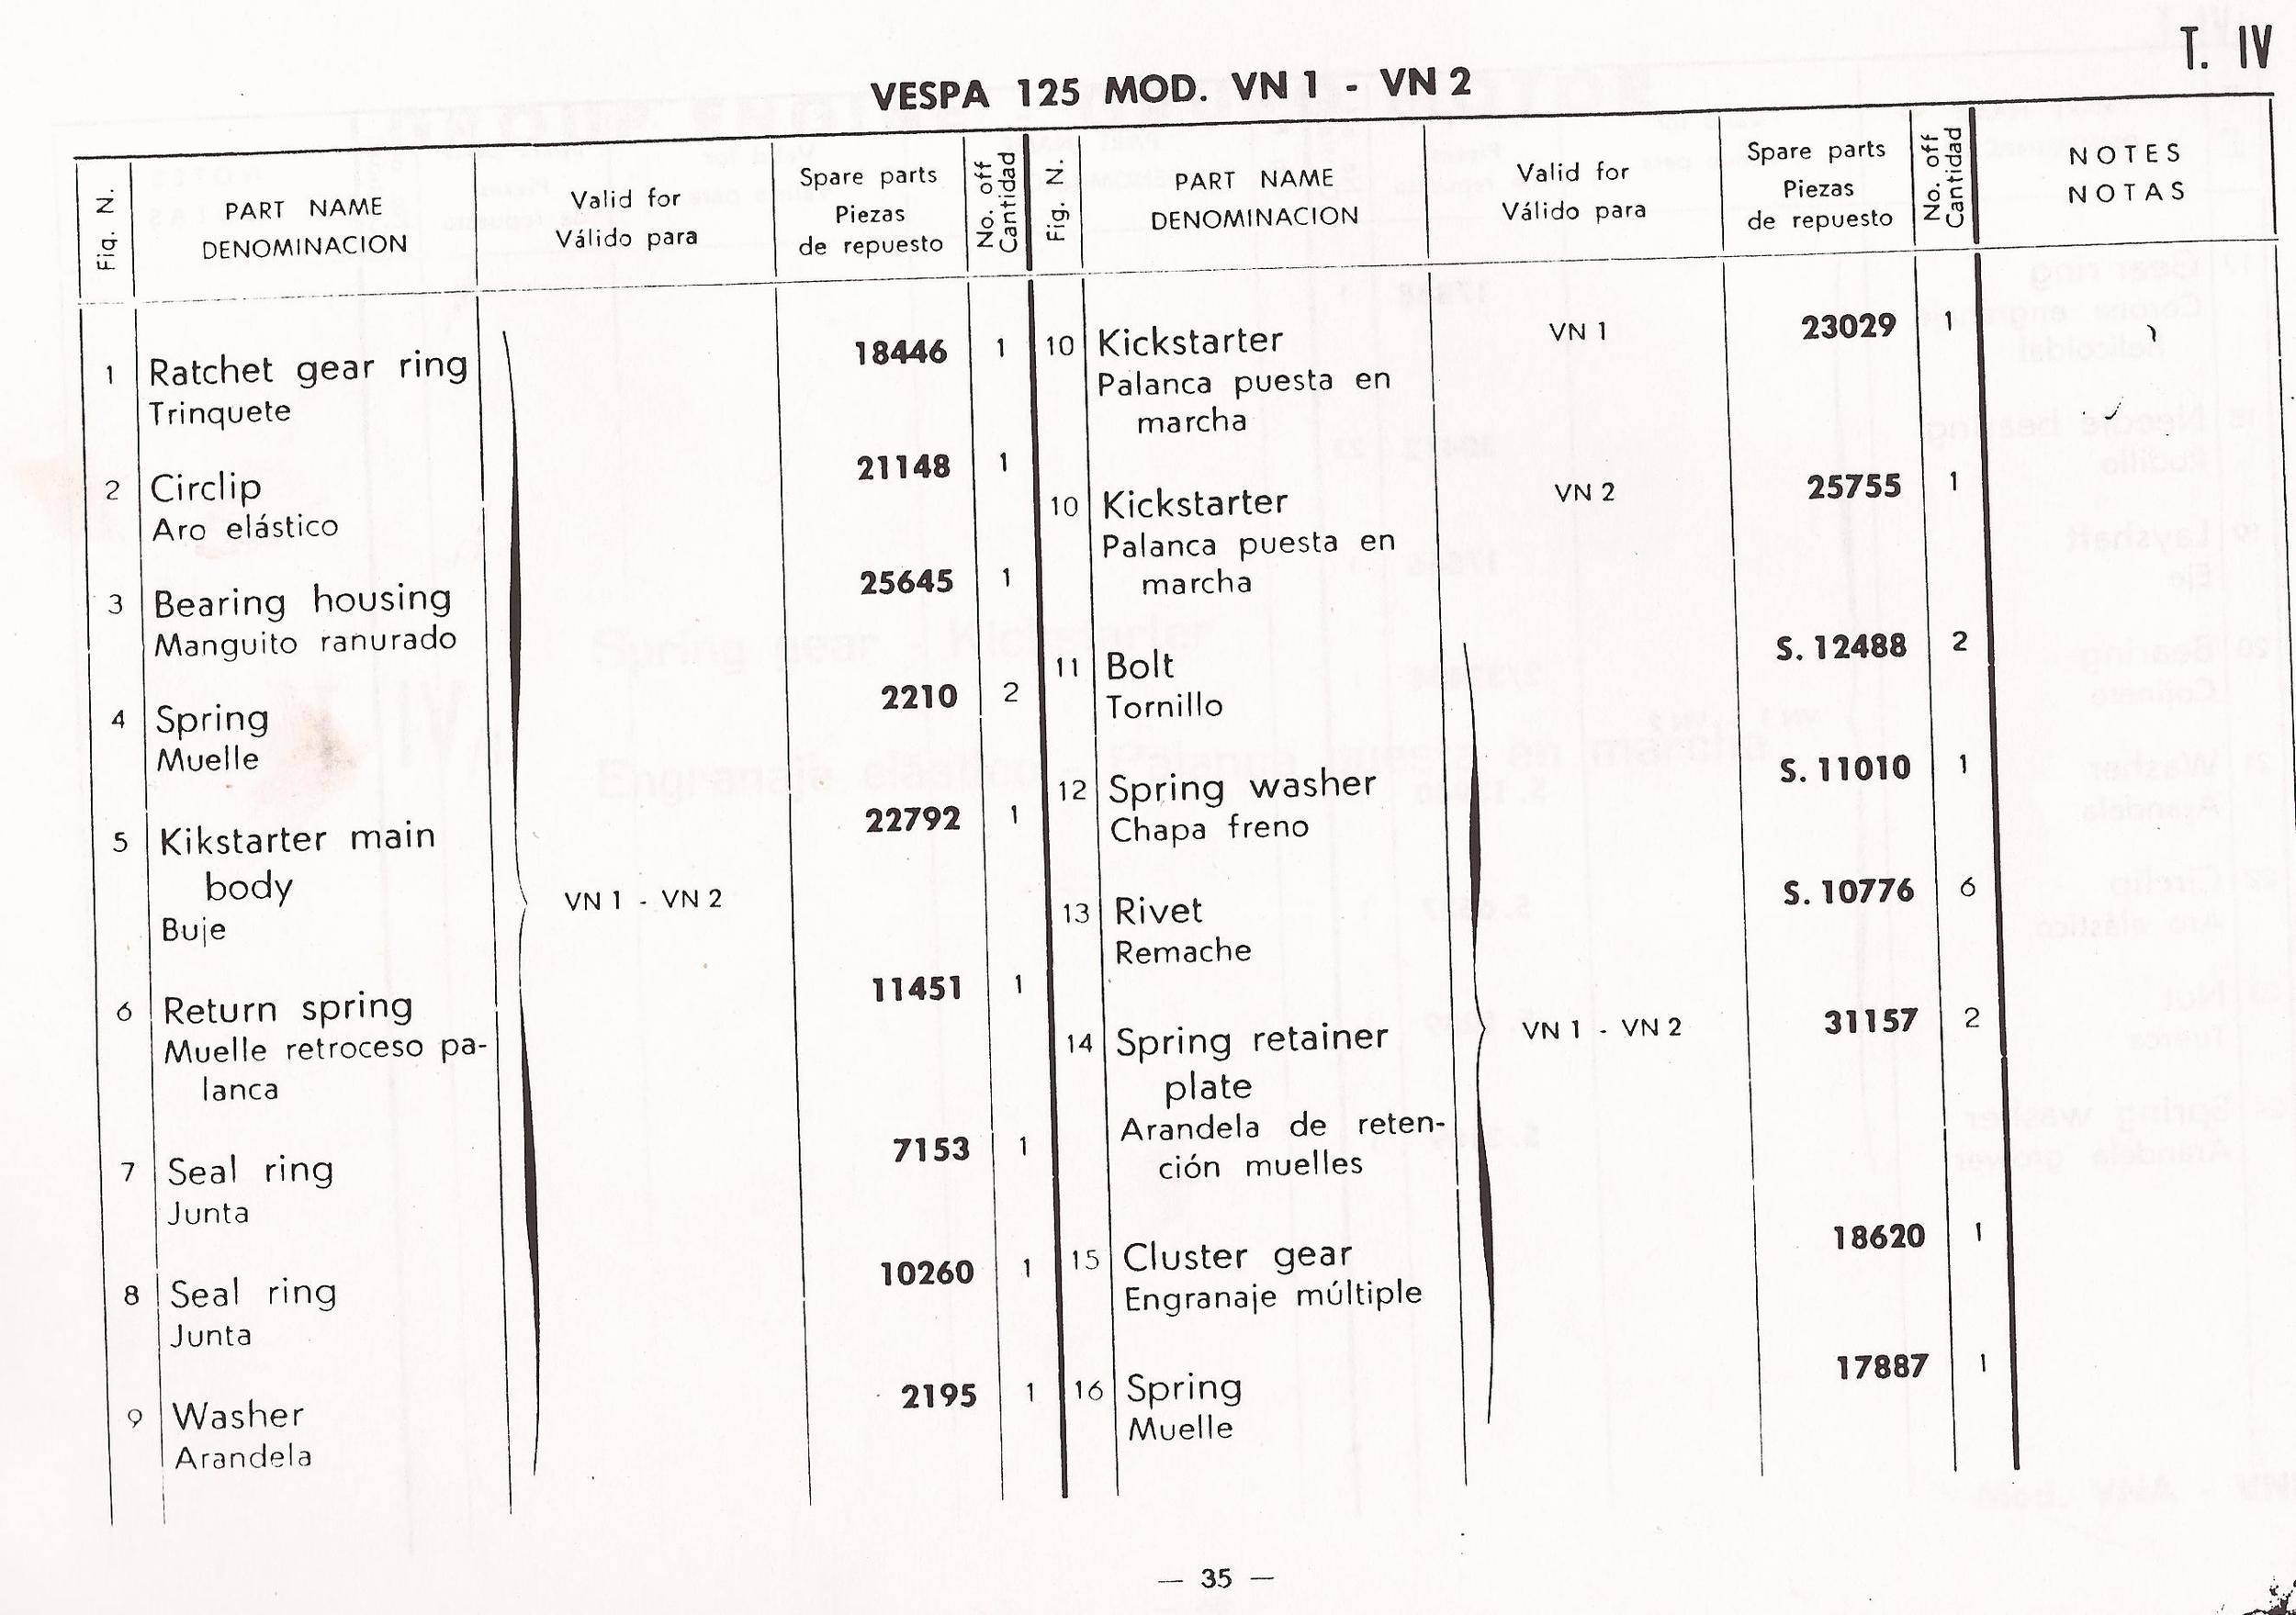 07-16-2013 vespa 125 catalog manuel 38.jpg